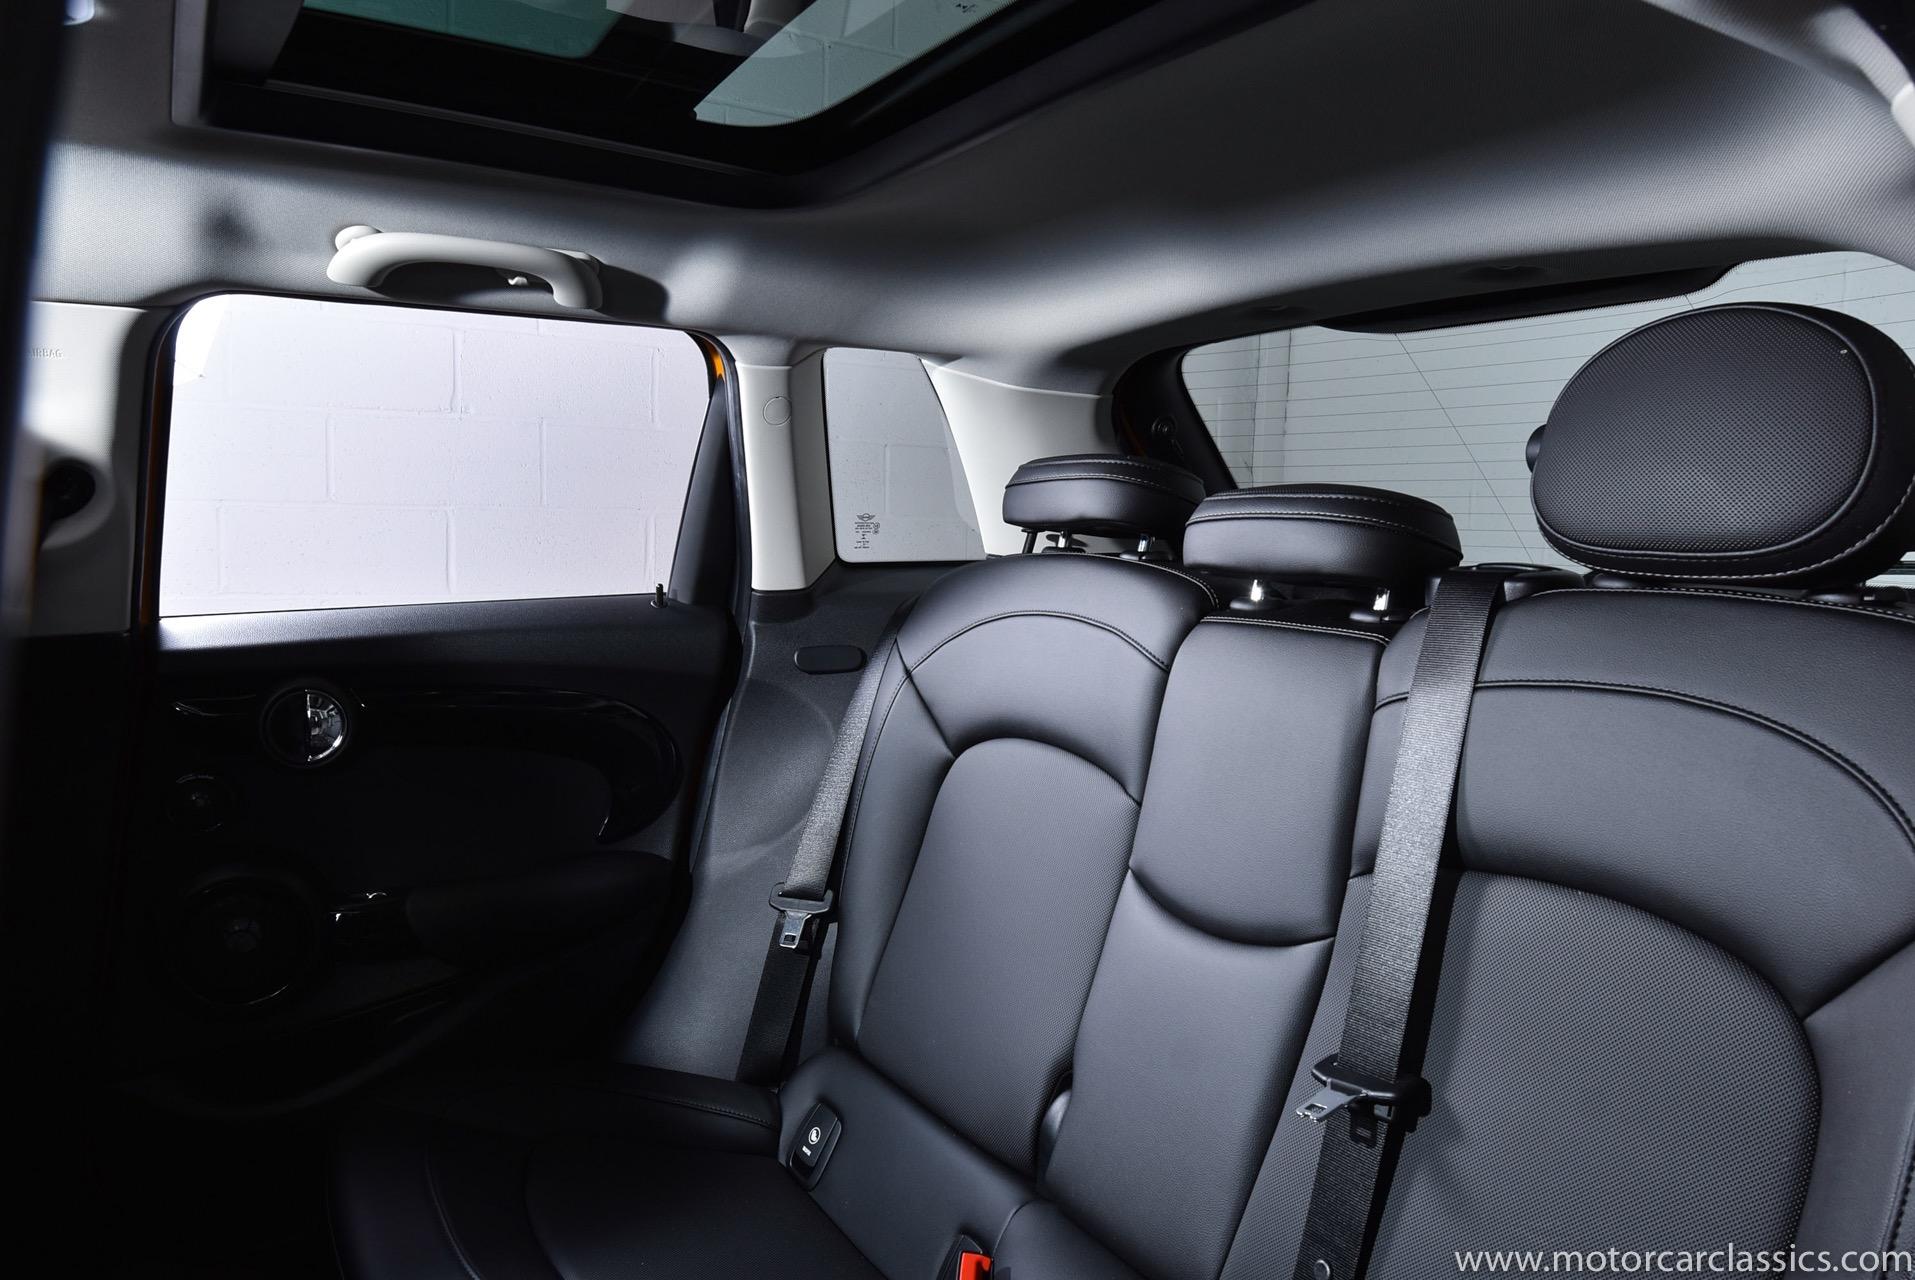 2016 MINI Hardtop 4 Door Cooper S